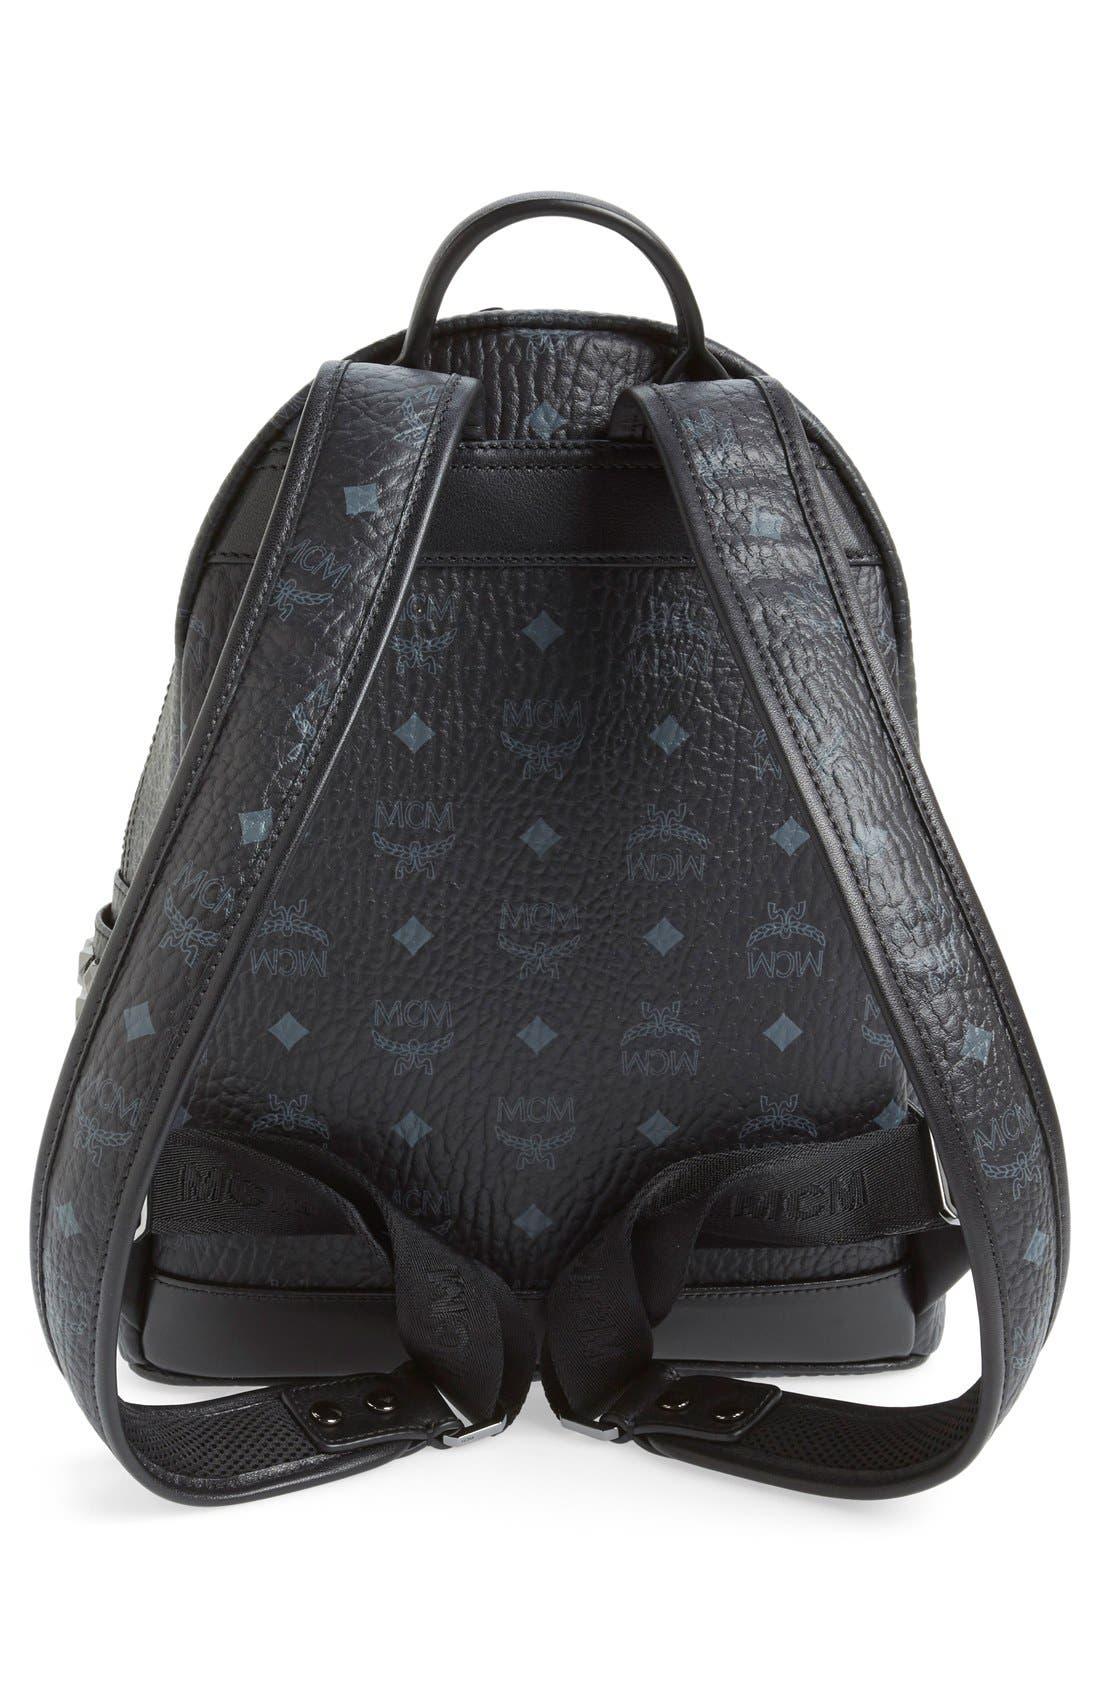 Alternate Image 3  - MCM 'Small Stark' Side Stud Backpack